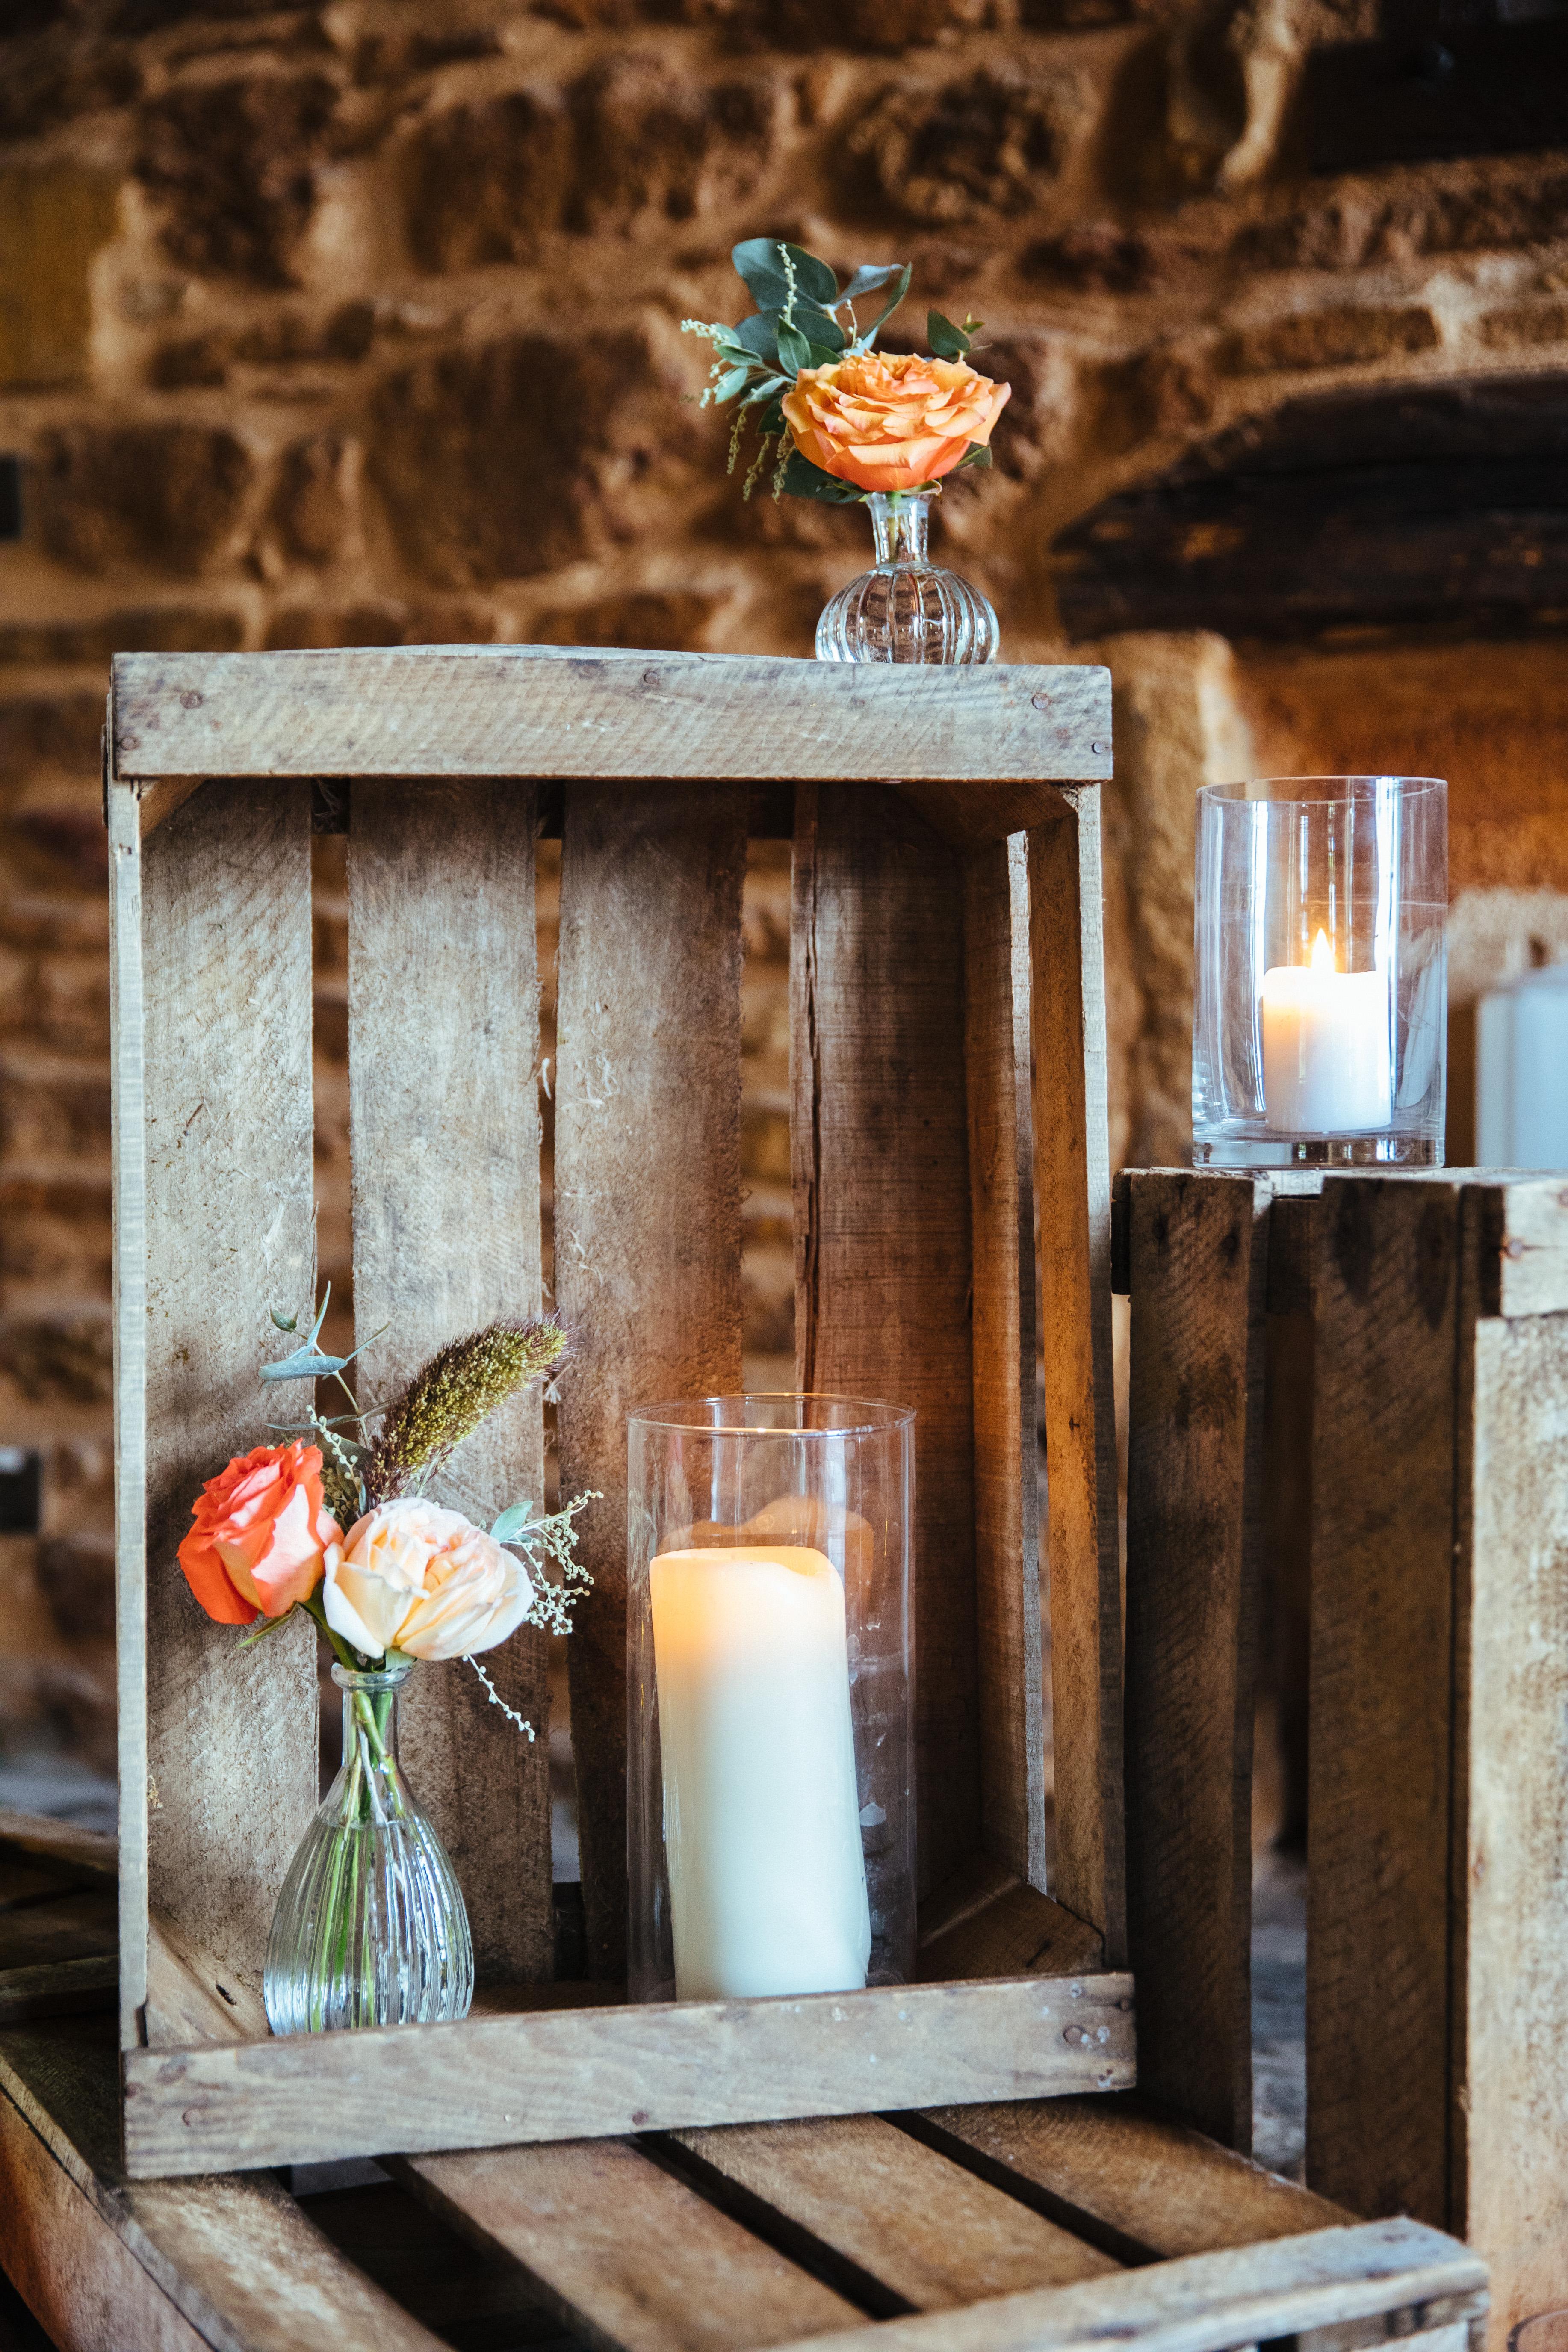 décoration de mariage orange - plan de table - caisses à fruit - bougie - bouquet de fleurs oranges